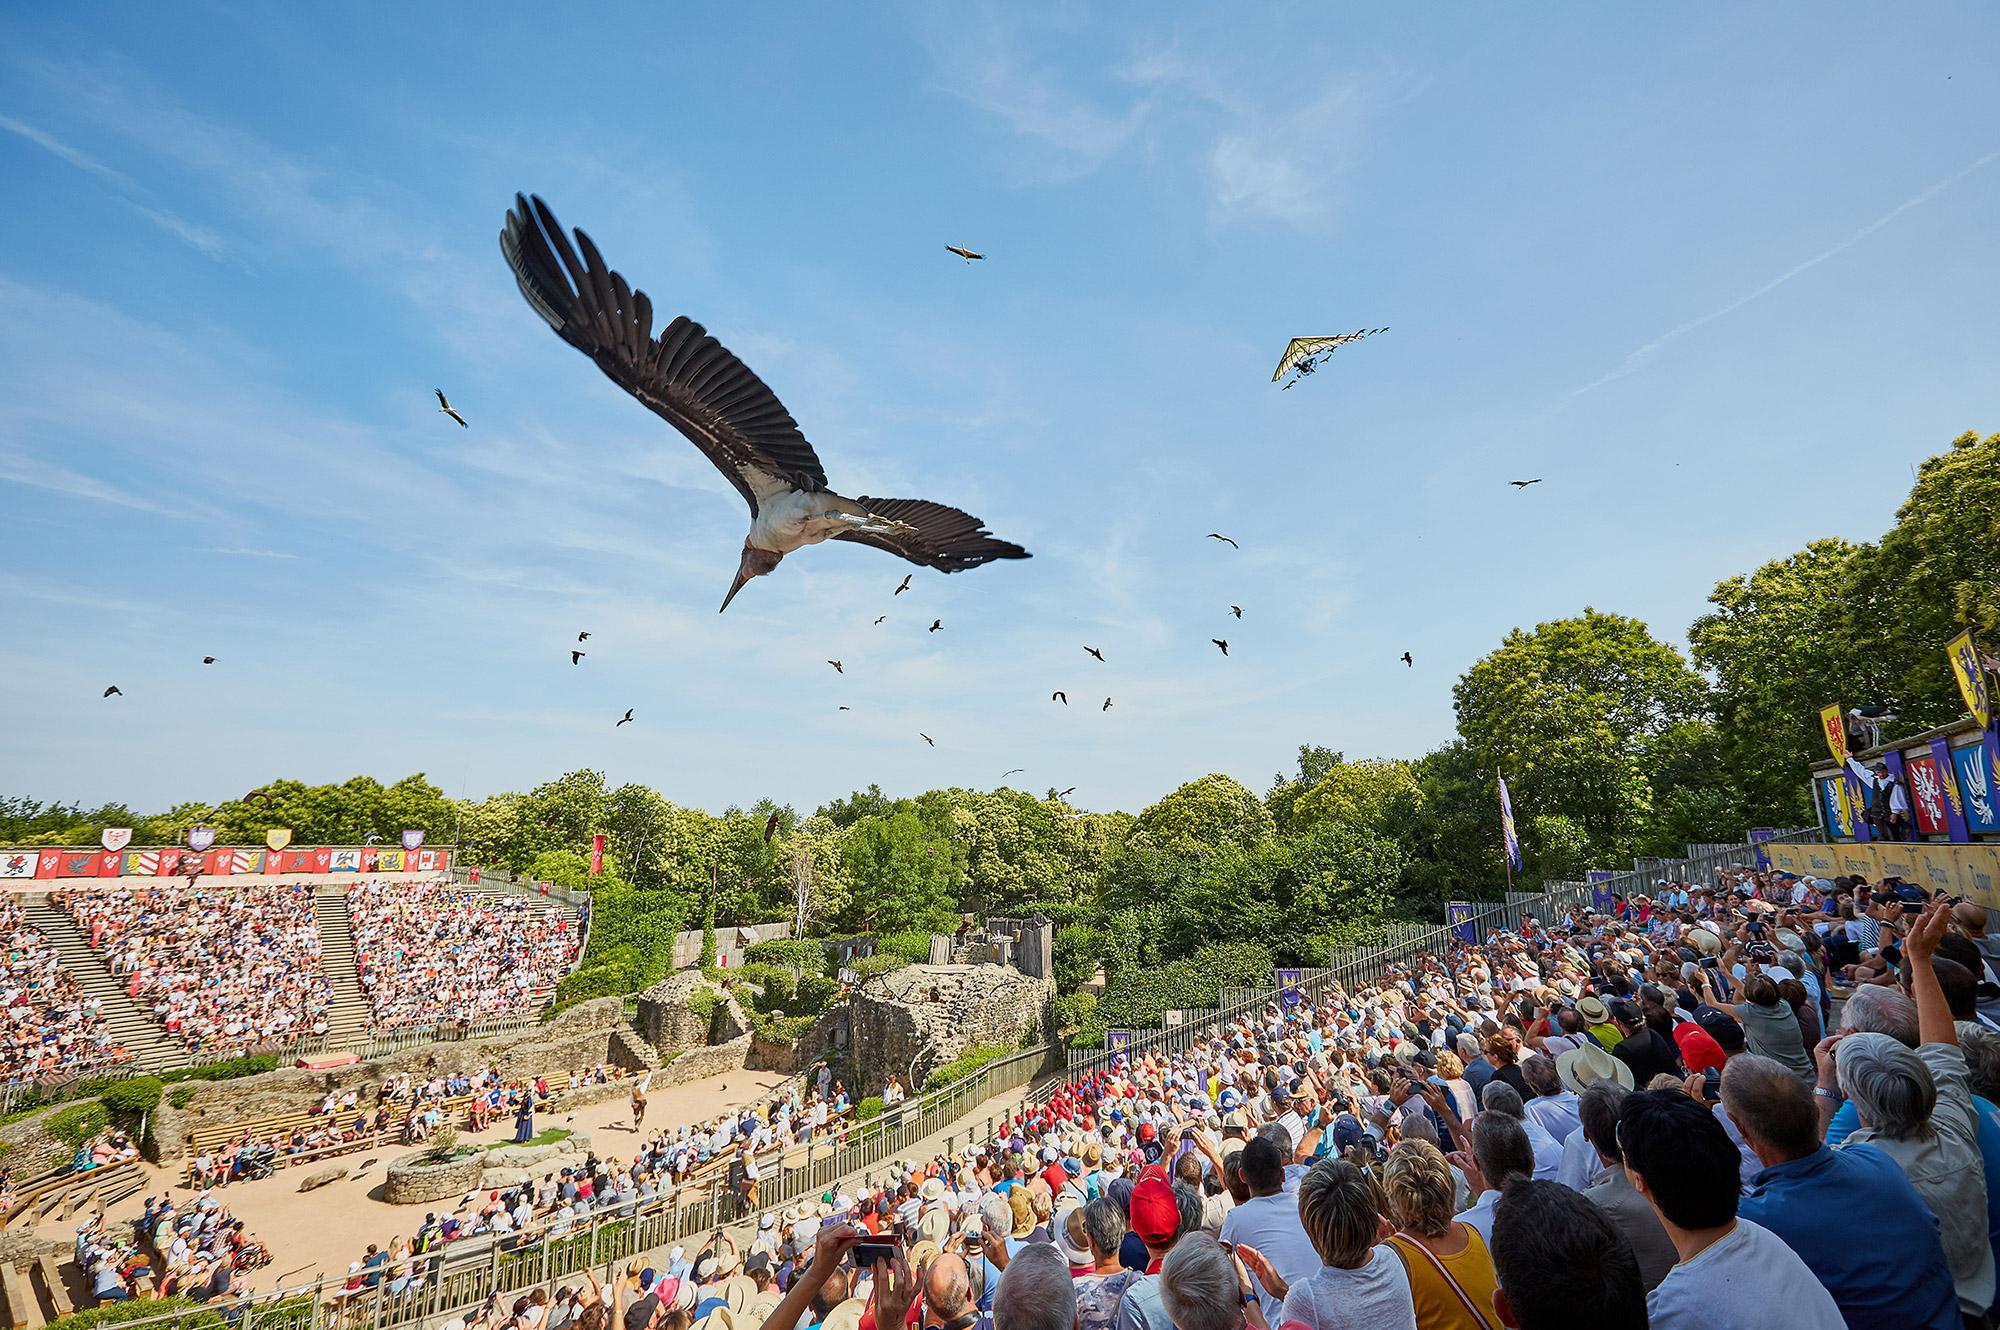 Le Bal des Oiseaux Fantômes | Spectacle Puy du Fou